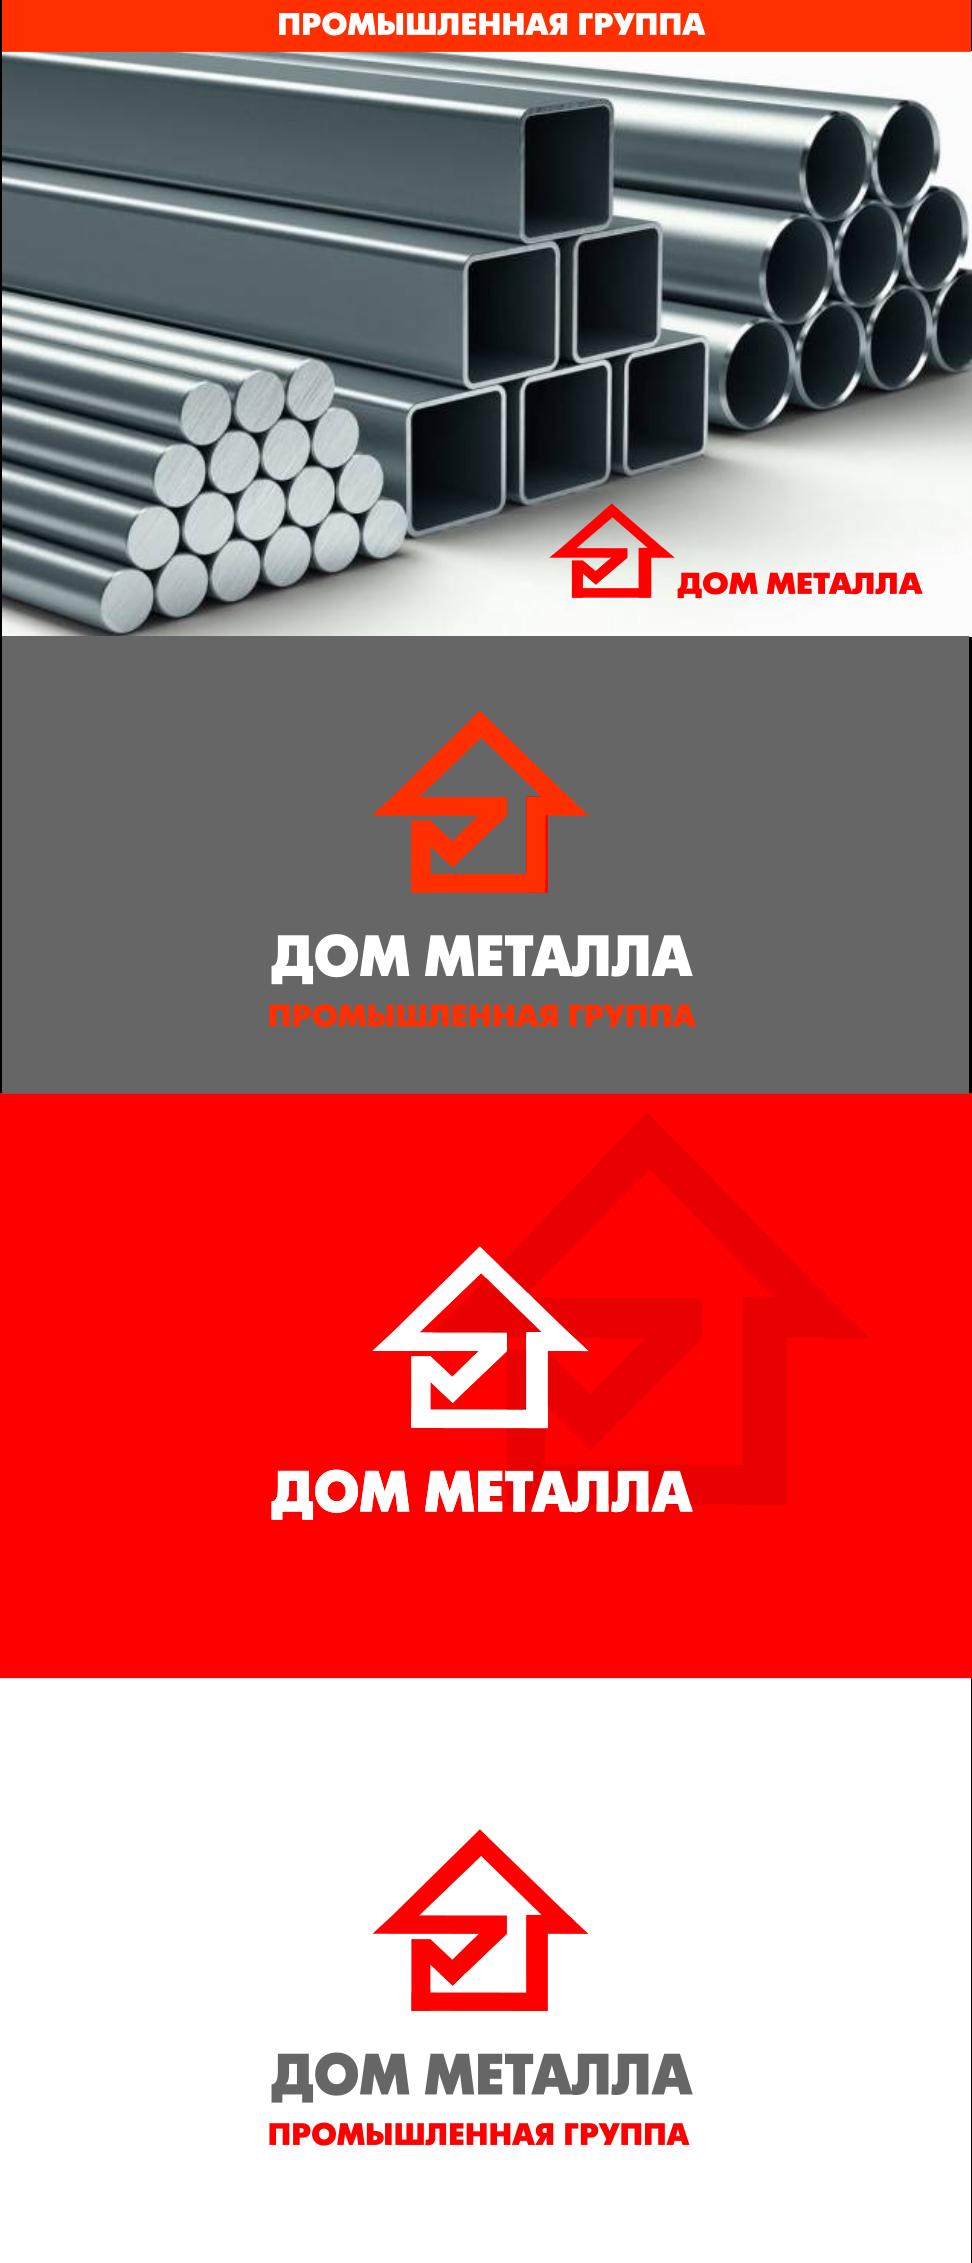 Разработка логотипа фото f_9785c5c95ef9c138.png